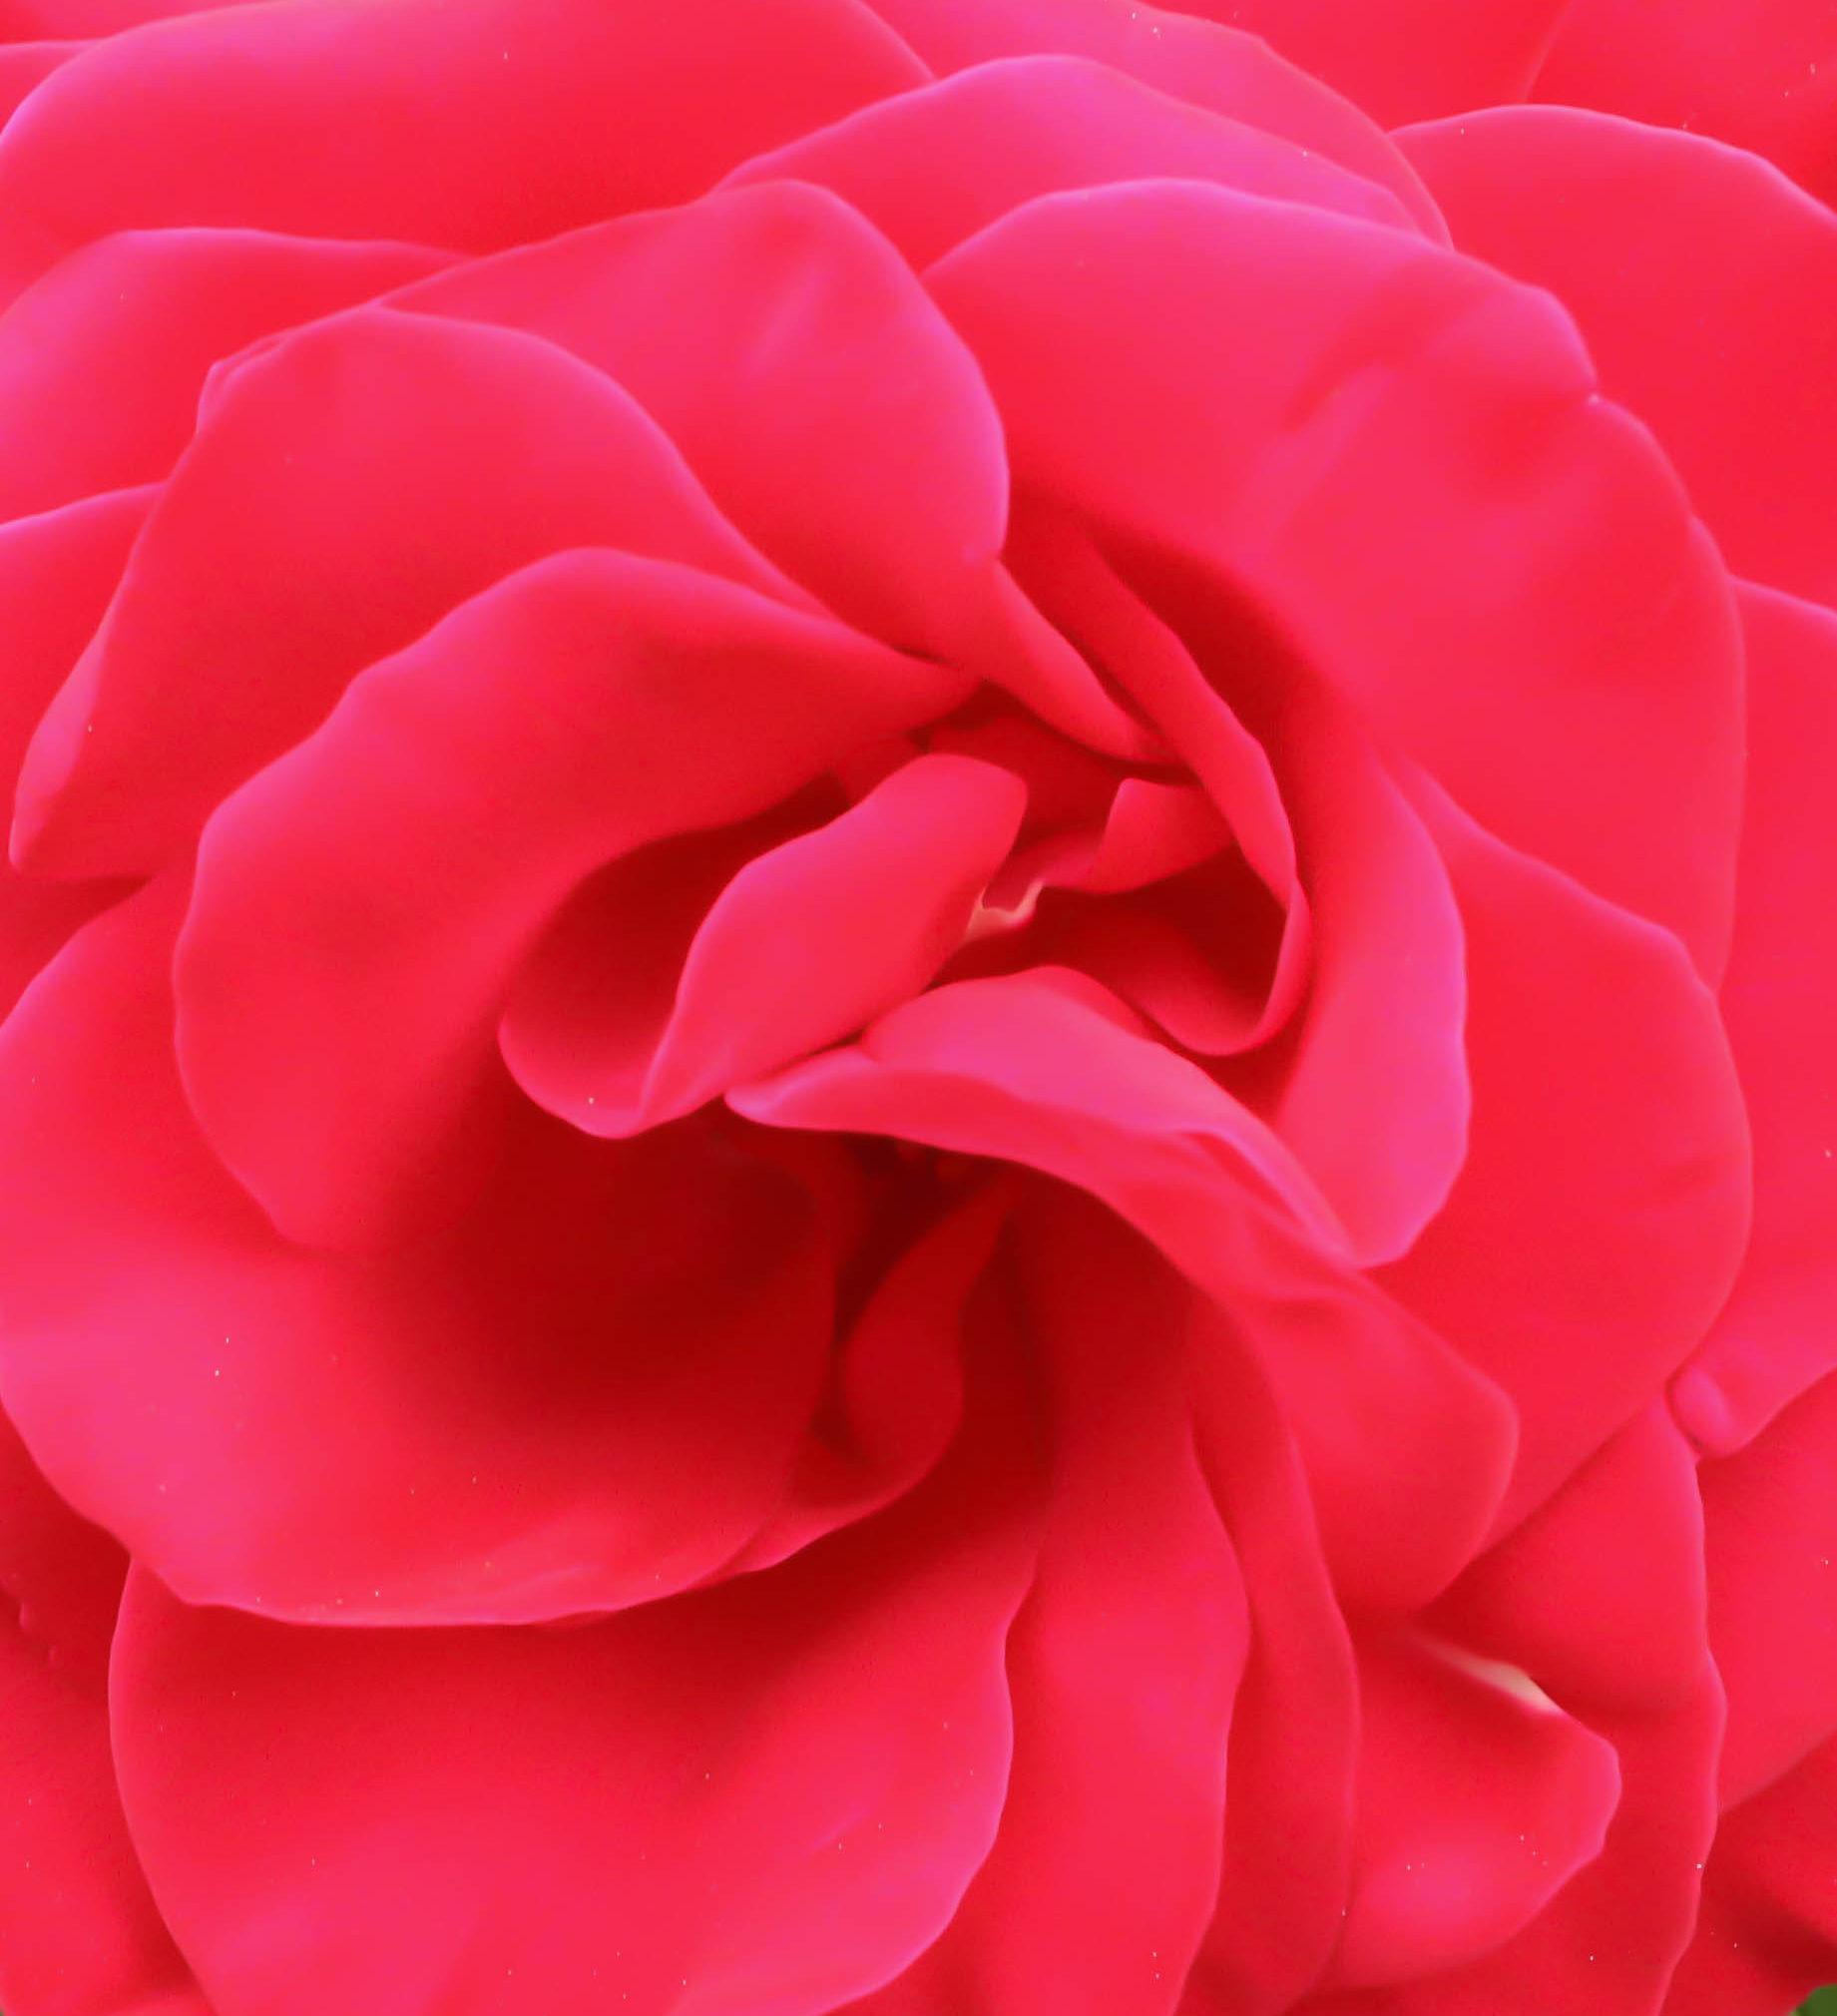 Rose petals...